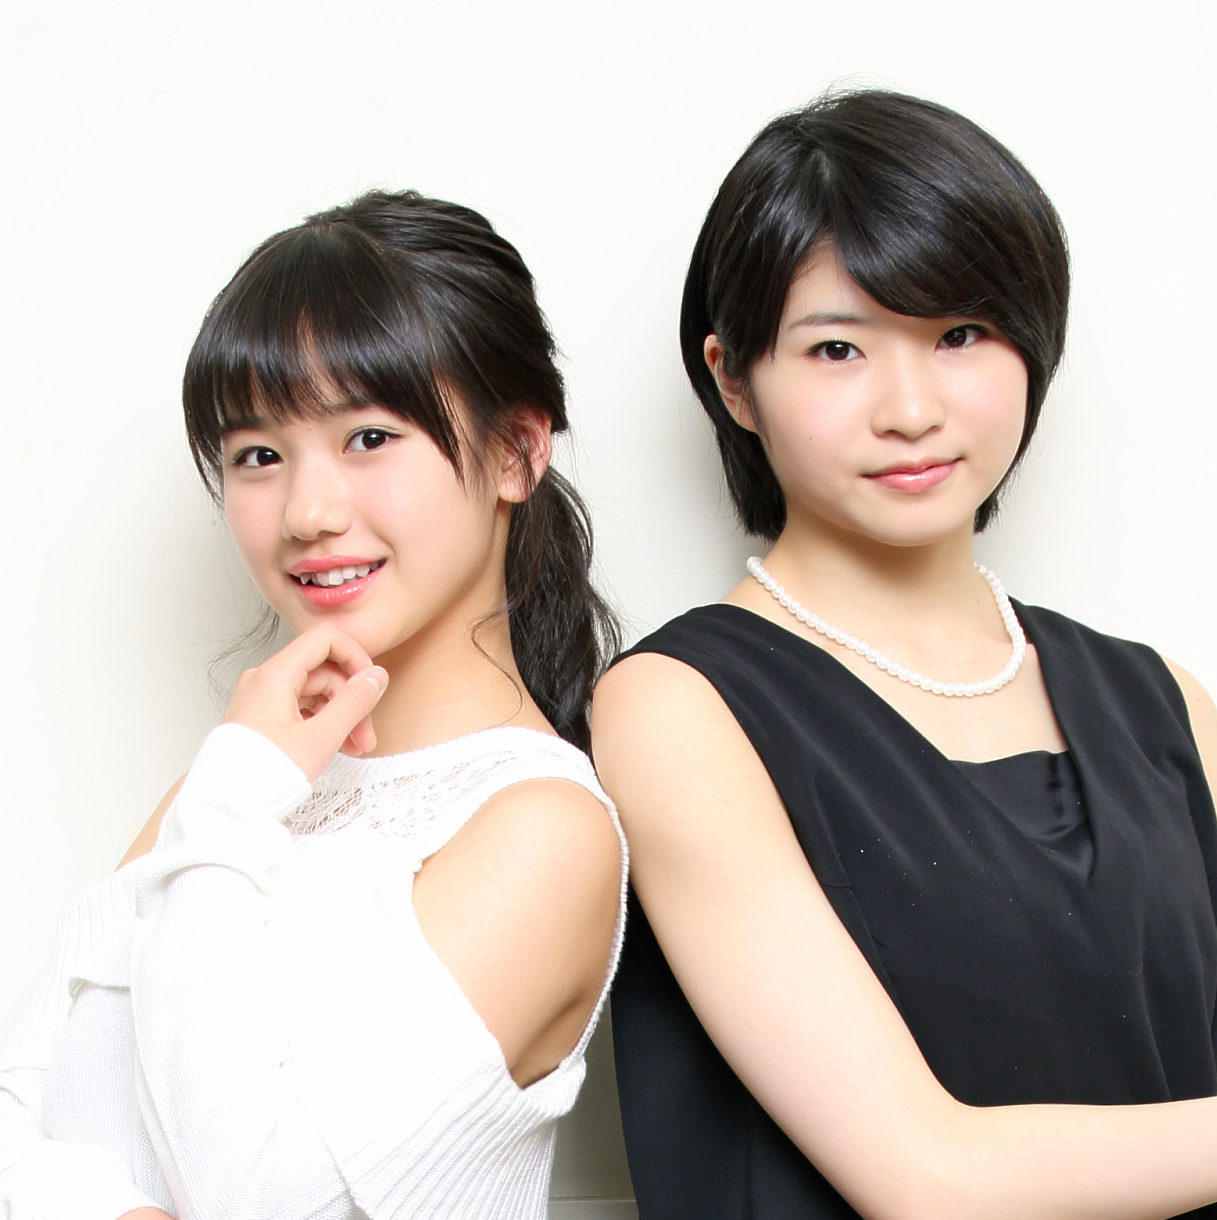 モーニング娘。'17新メンバー・加賀 楓と横山玲奈がジェラシーを感じるメンバーBEST3!